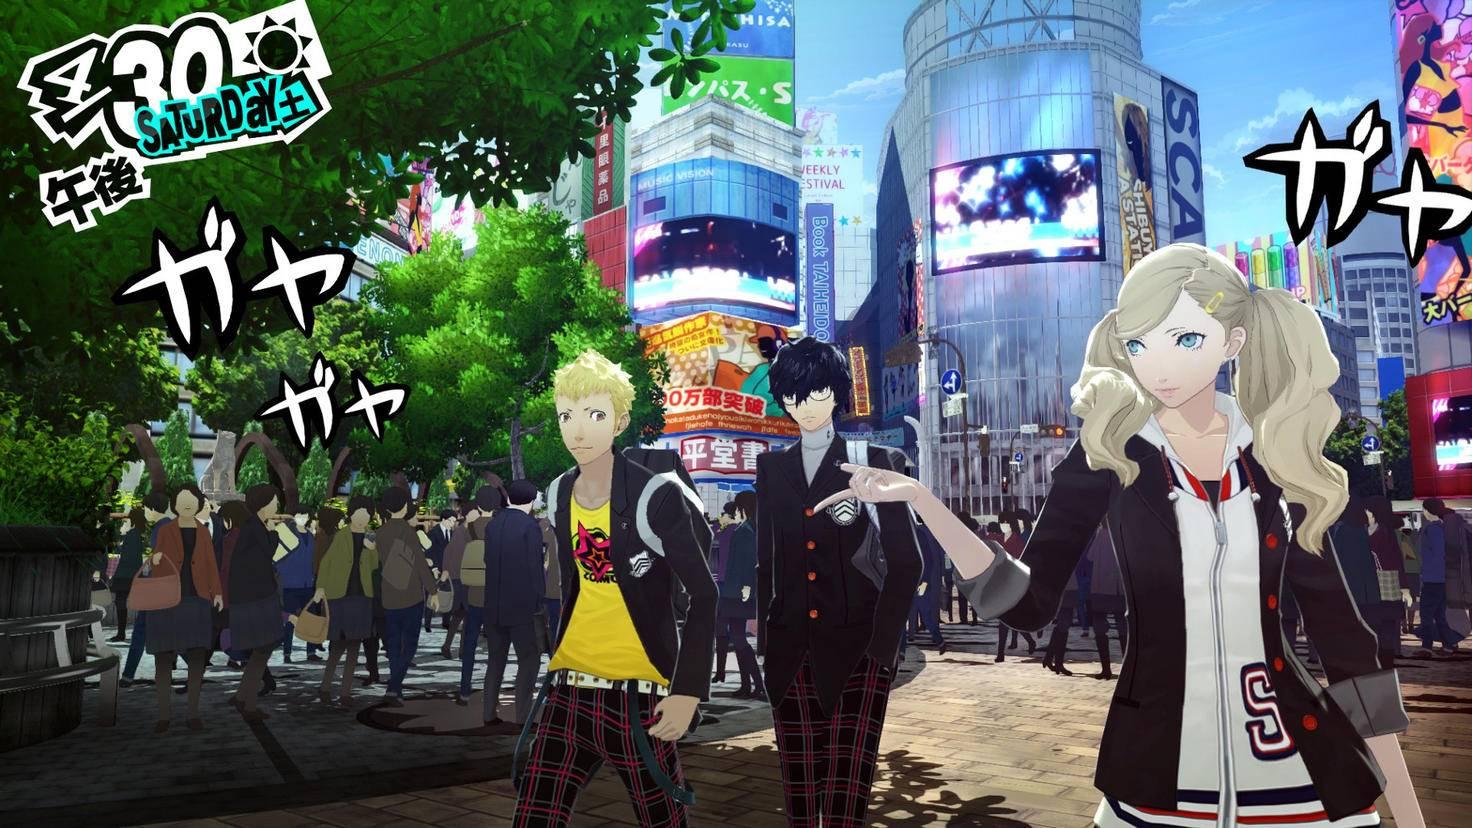 """In den letzten Jahren hat sich der westliche Markt stark für japanische Games geöffnet 0 etwa für RPGs wie """"Persona 5"""". Kann """"Monster Hunter: World"""" davon profitieren?"""